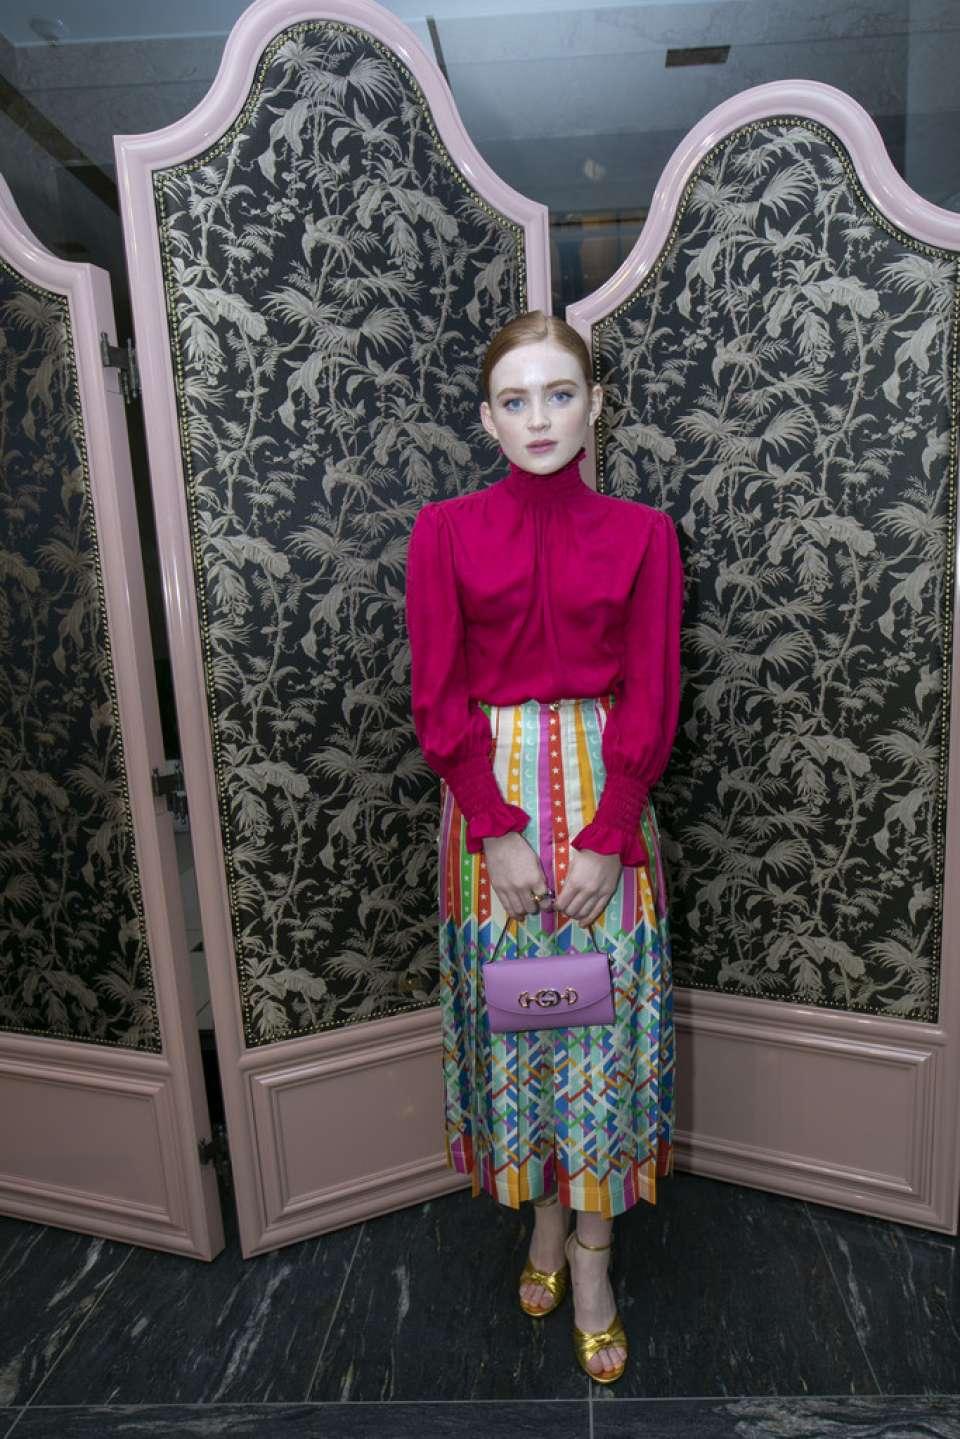 Sadie Sink - Gucci Zumi Handbag Collection in Chicago